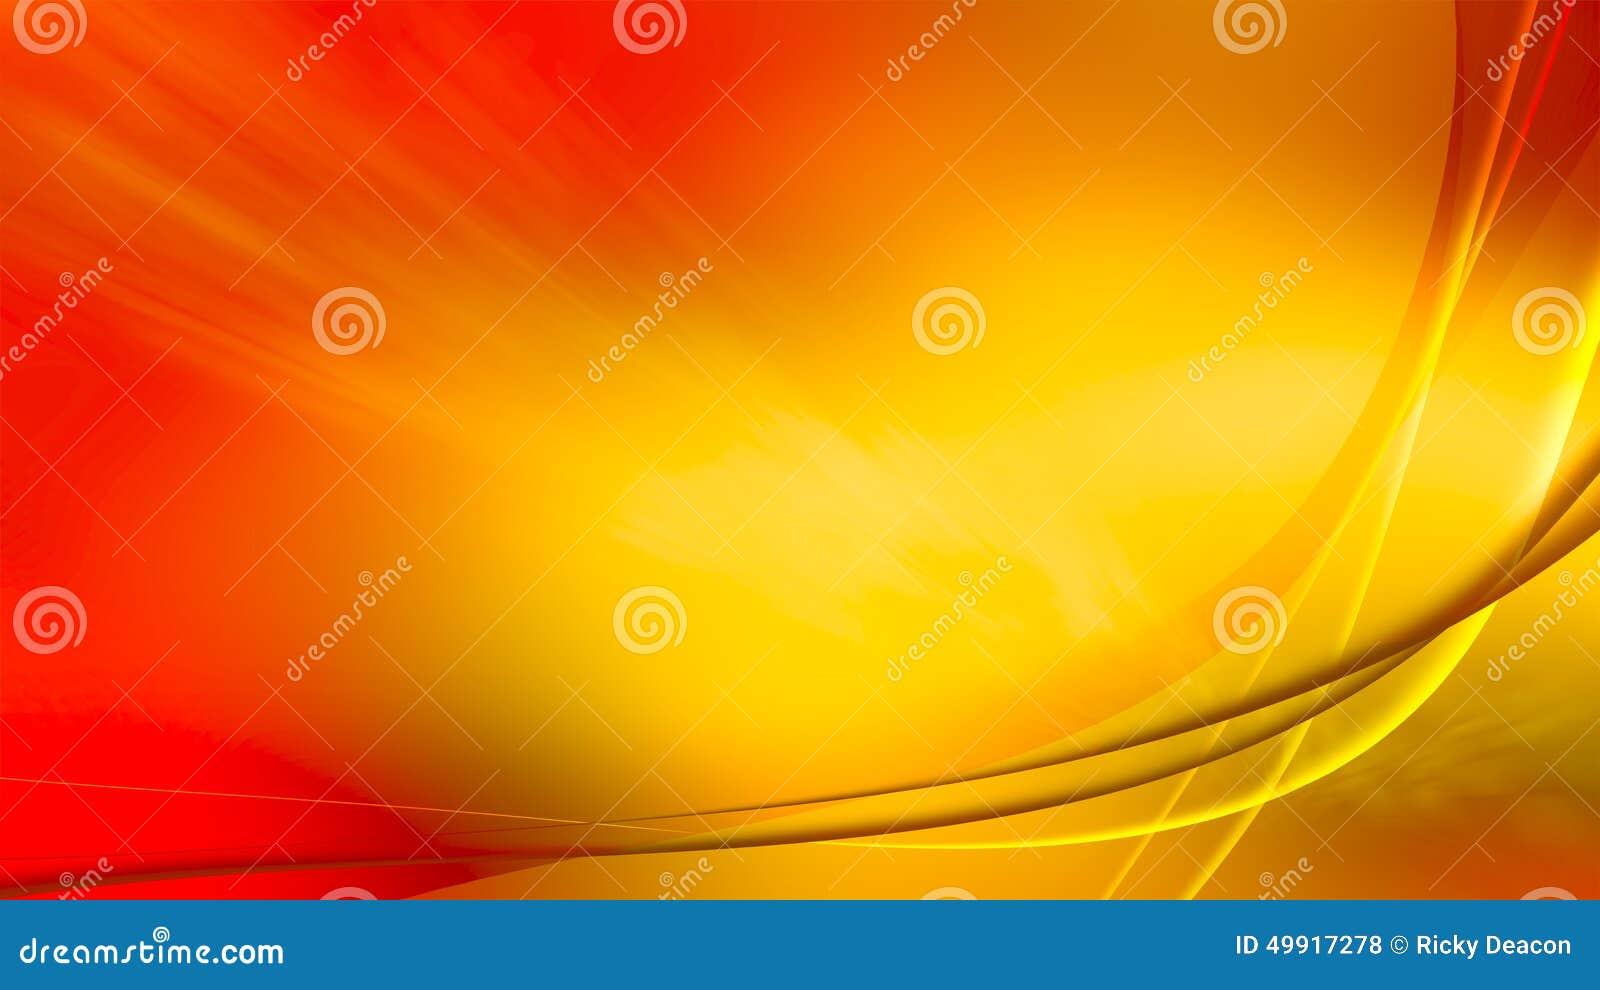 Aurora impetuosa, papel de parede da definição 4k